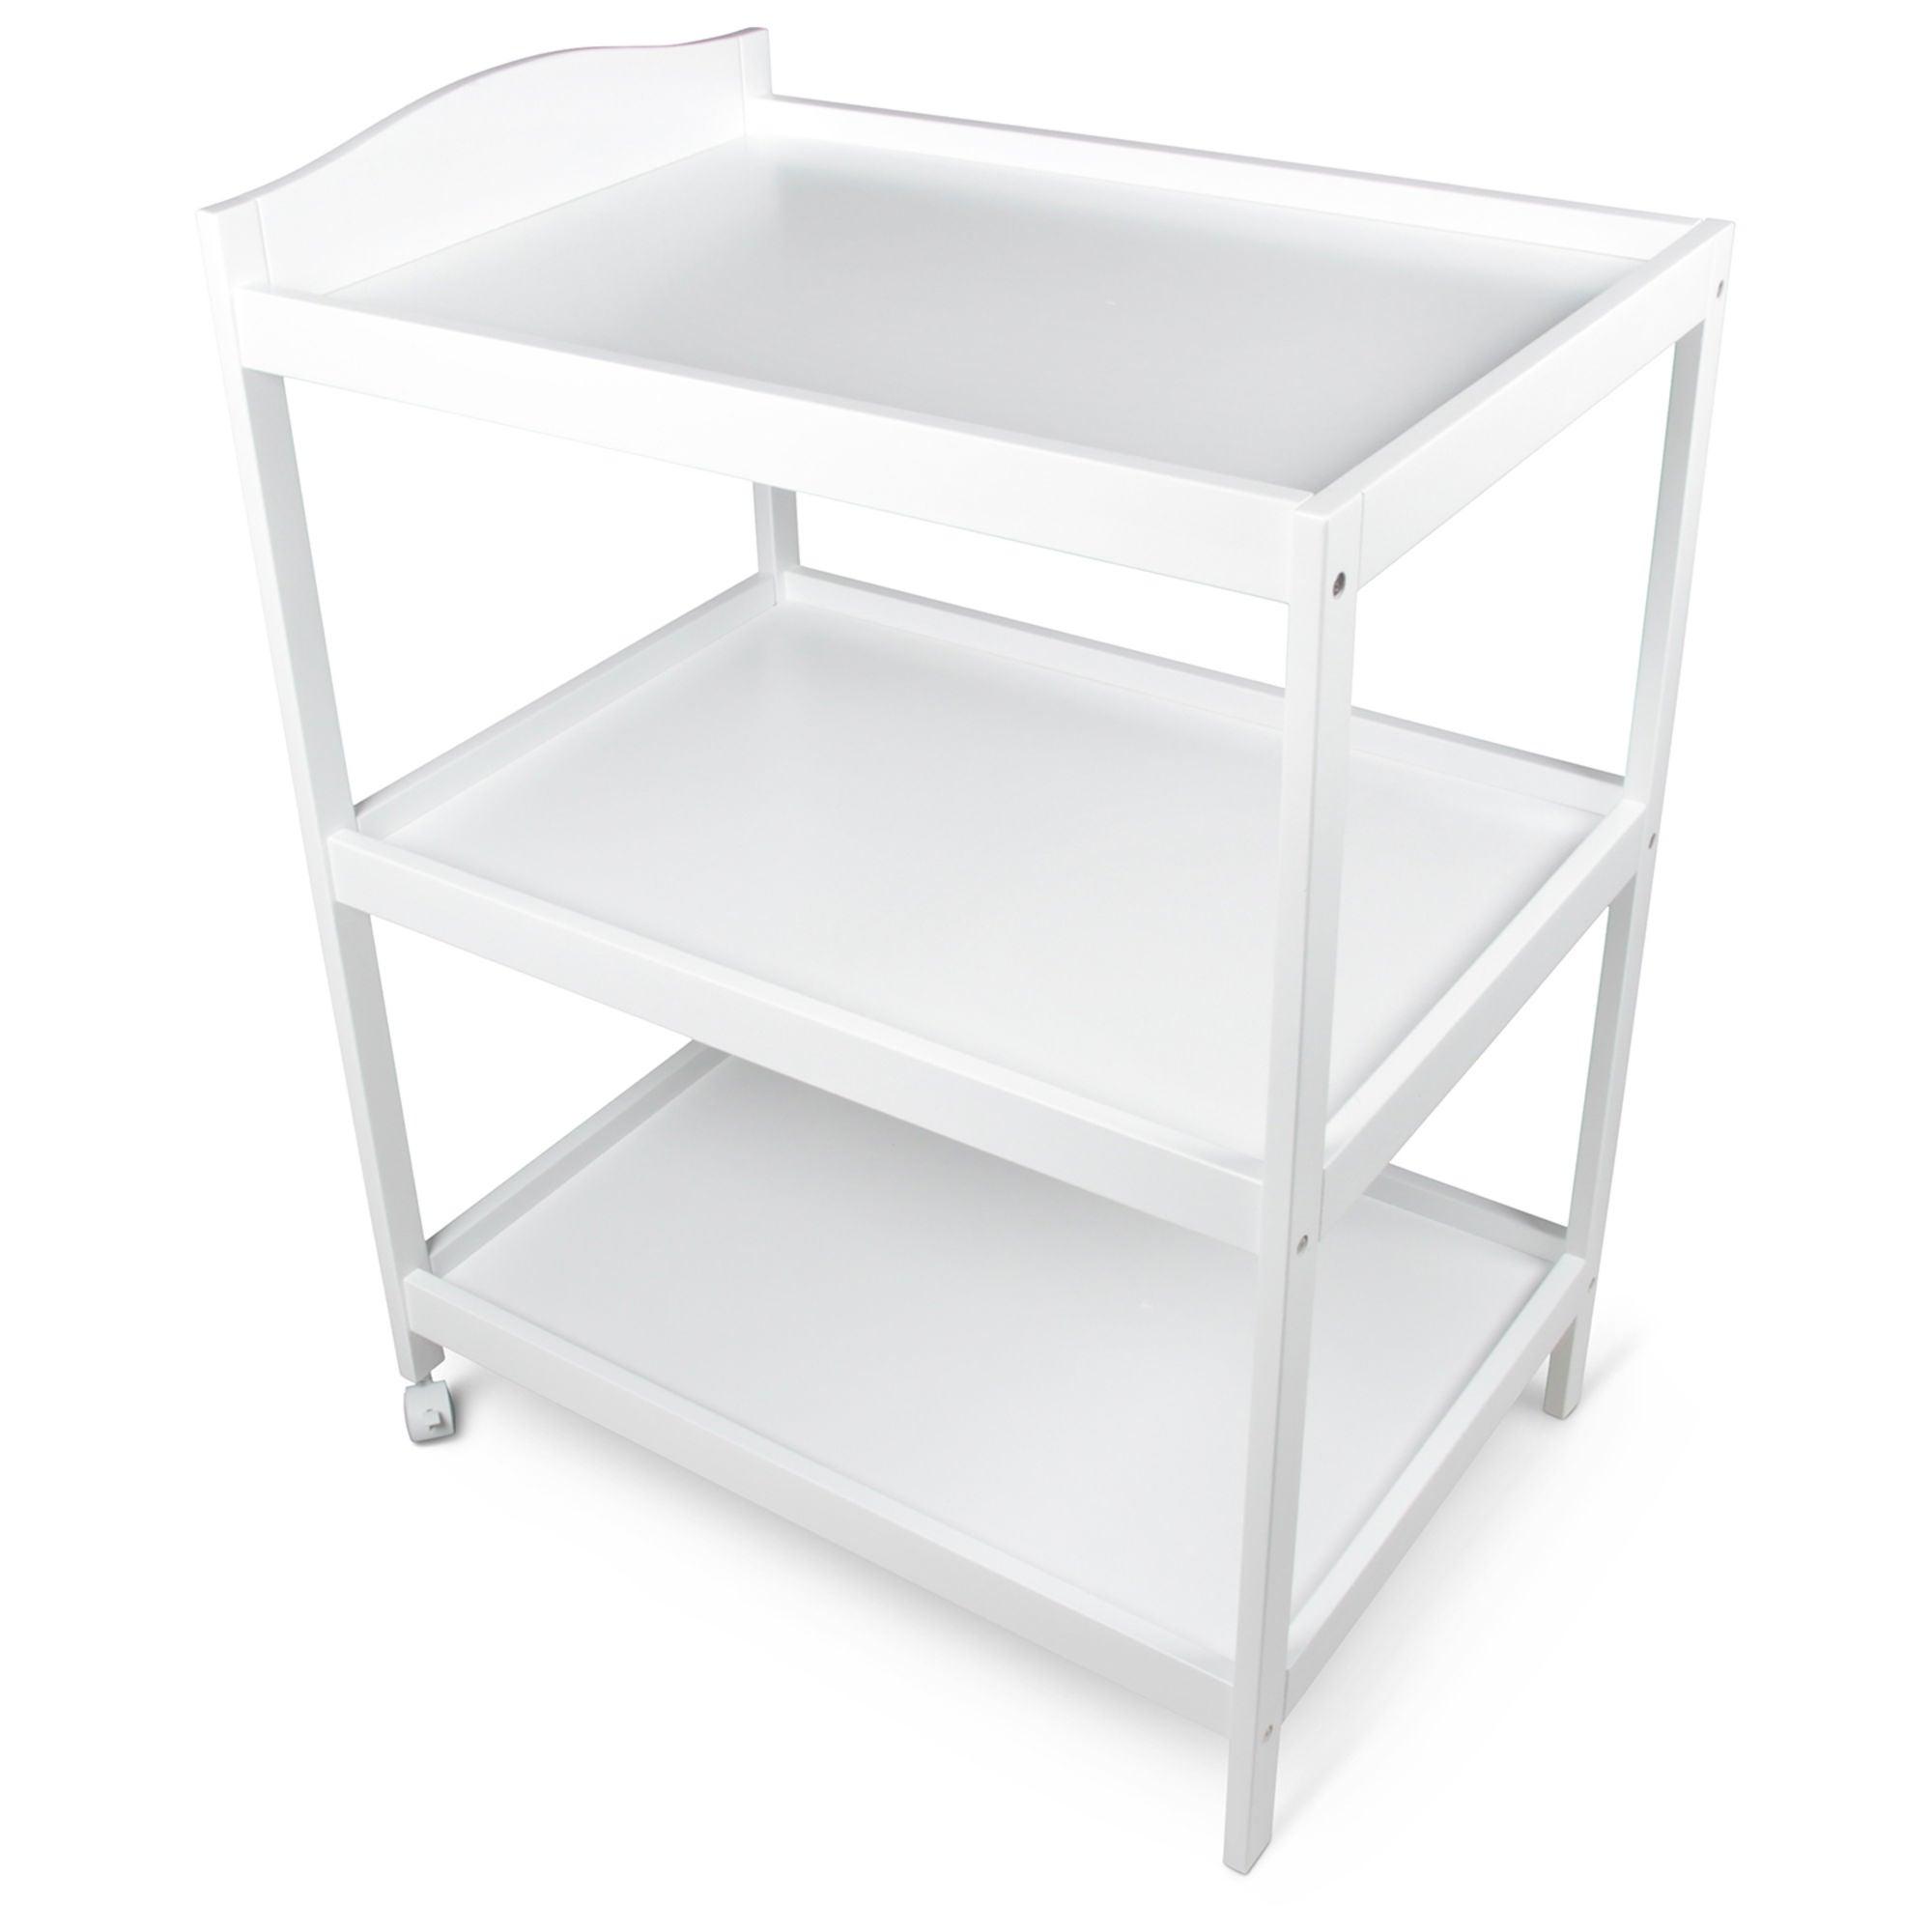 JLY Dream Basic Hoitopöytä, Valkoinen